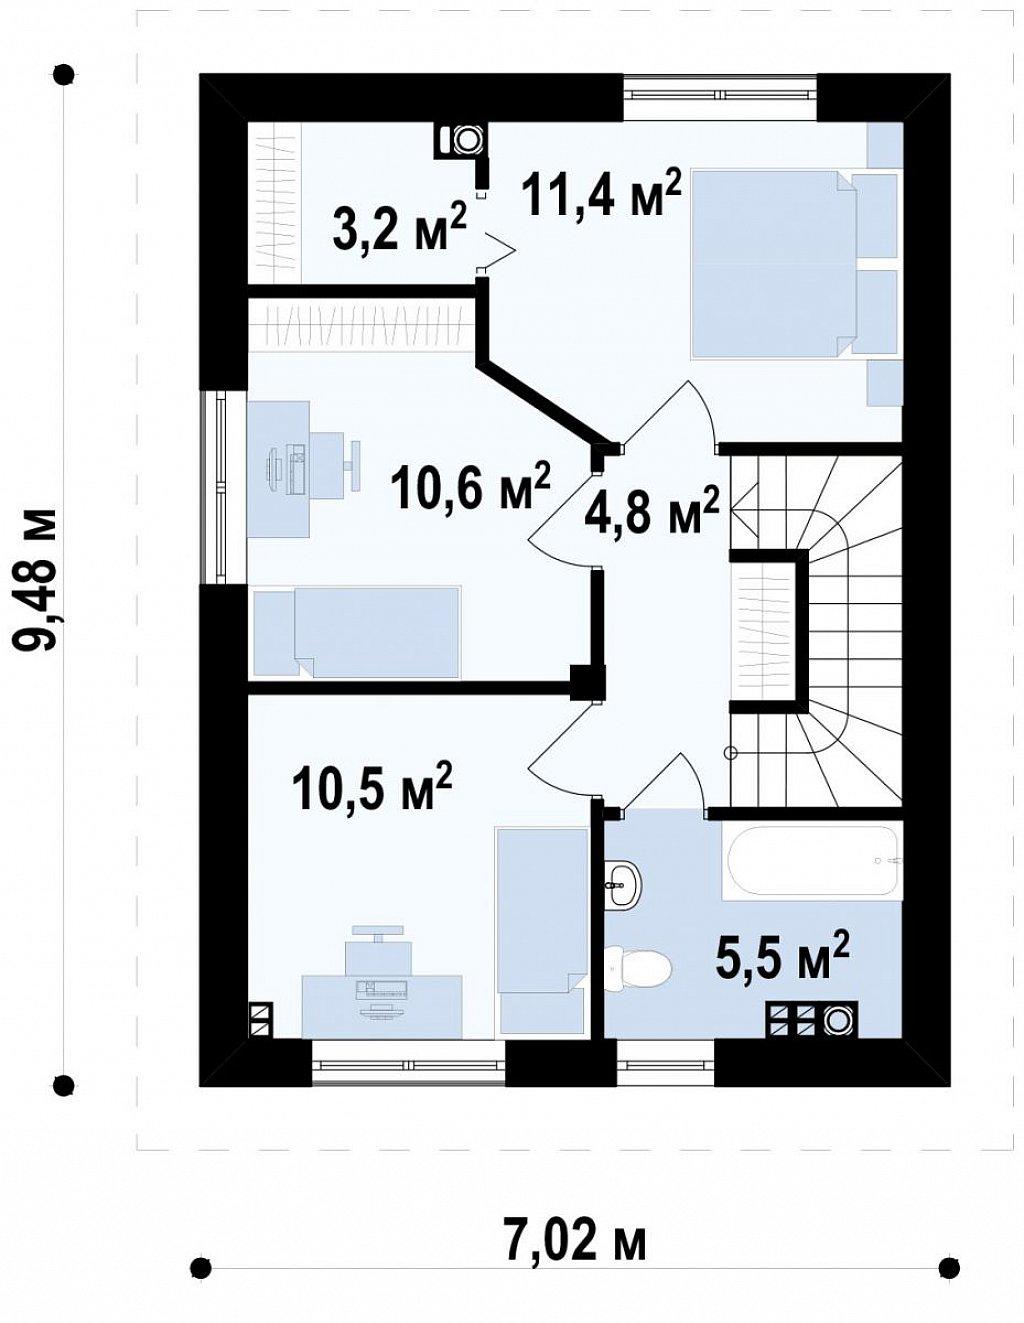 Вариант проекта Z297 с фронтальным гаражом, с изменениями в планировке. план помещений 2